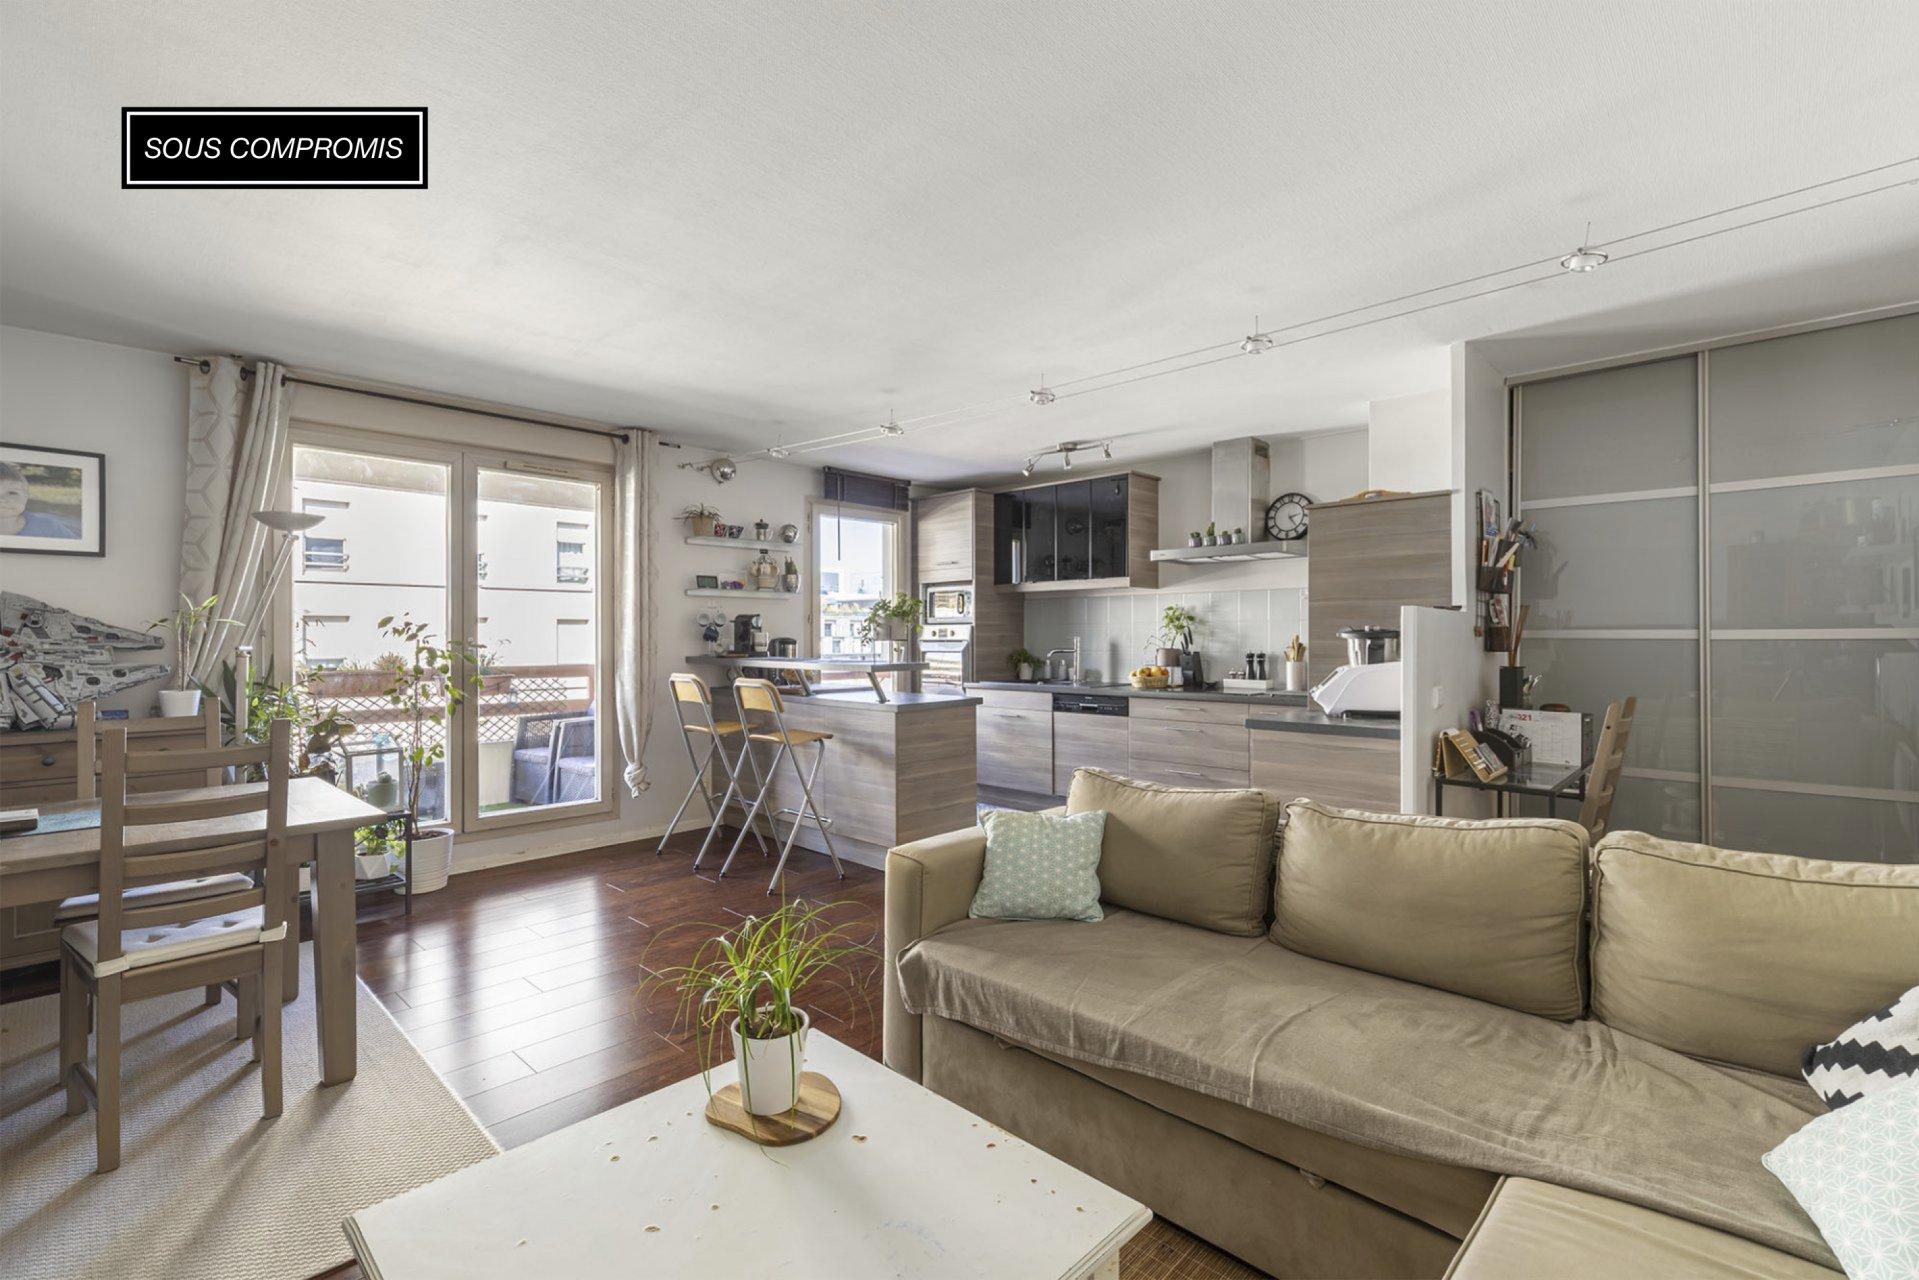 Sale Apartment - Lyon 3ème La Buire